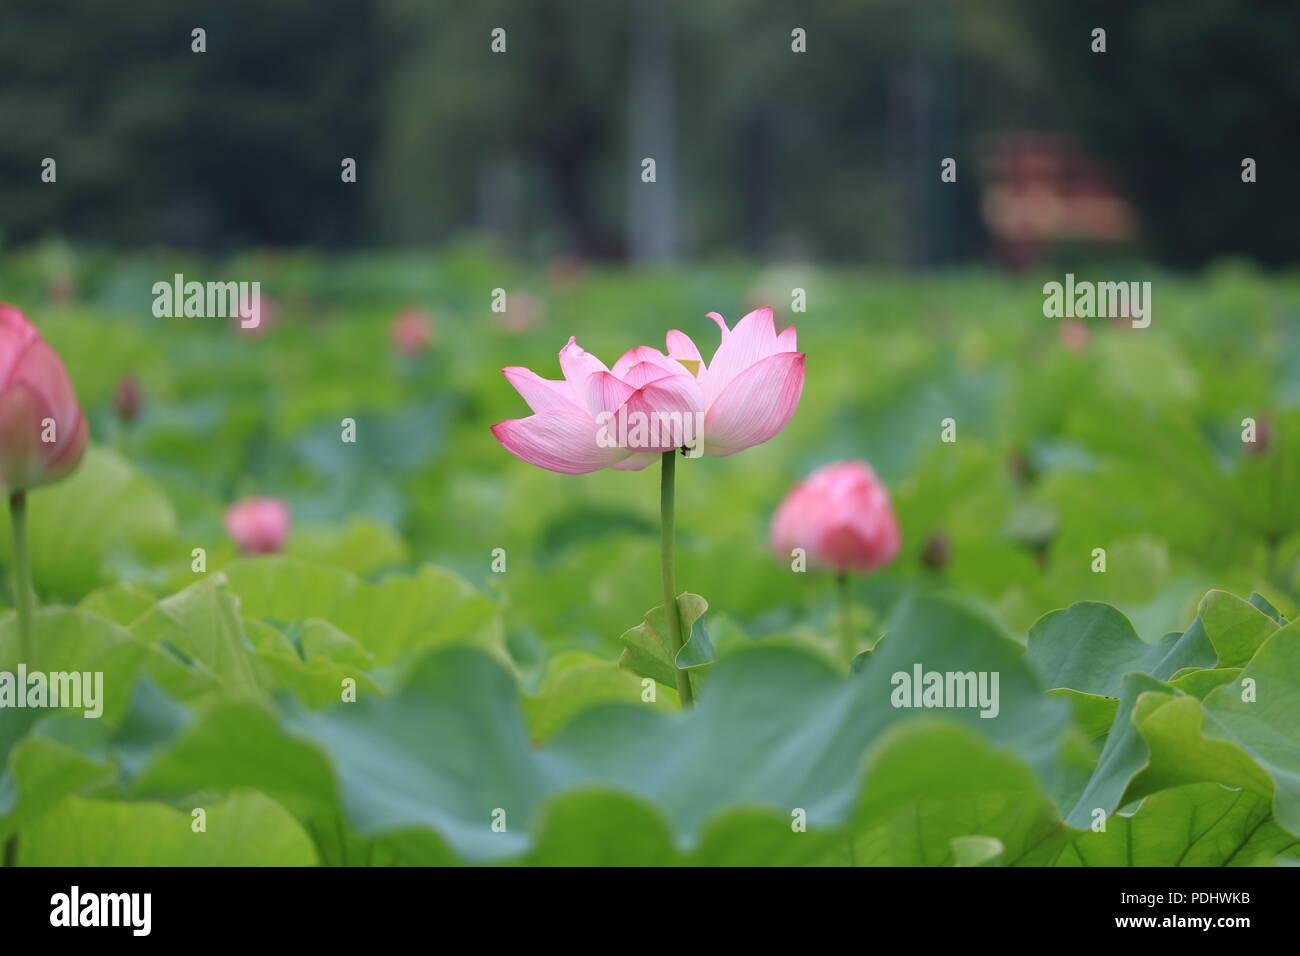 Lotus Flowers In The Lotus Pond Of Shinobazu Pond Ueno Park Japan